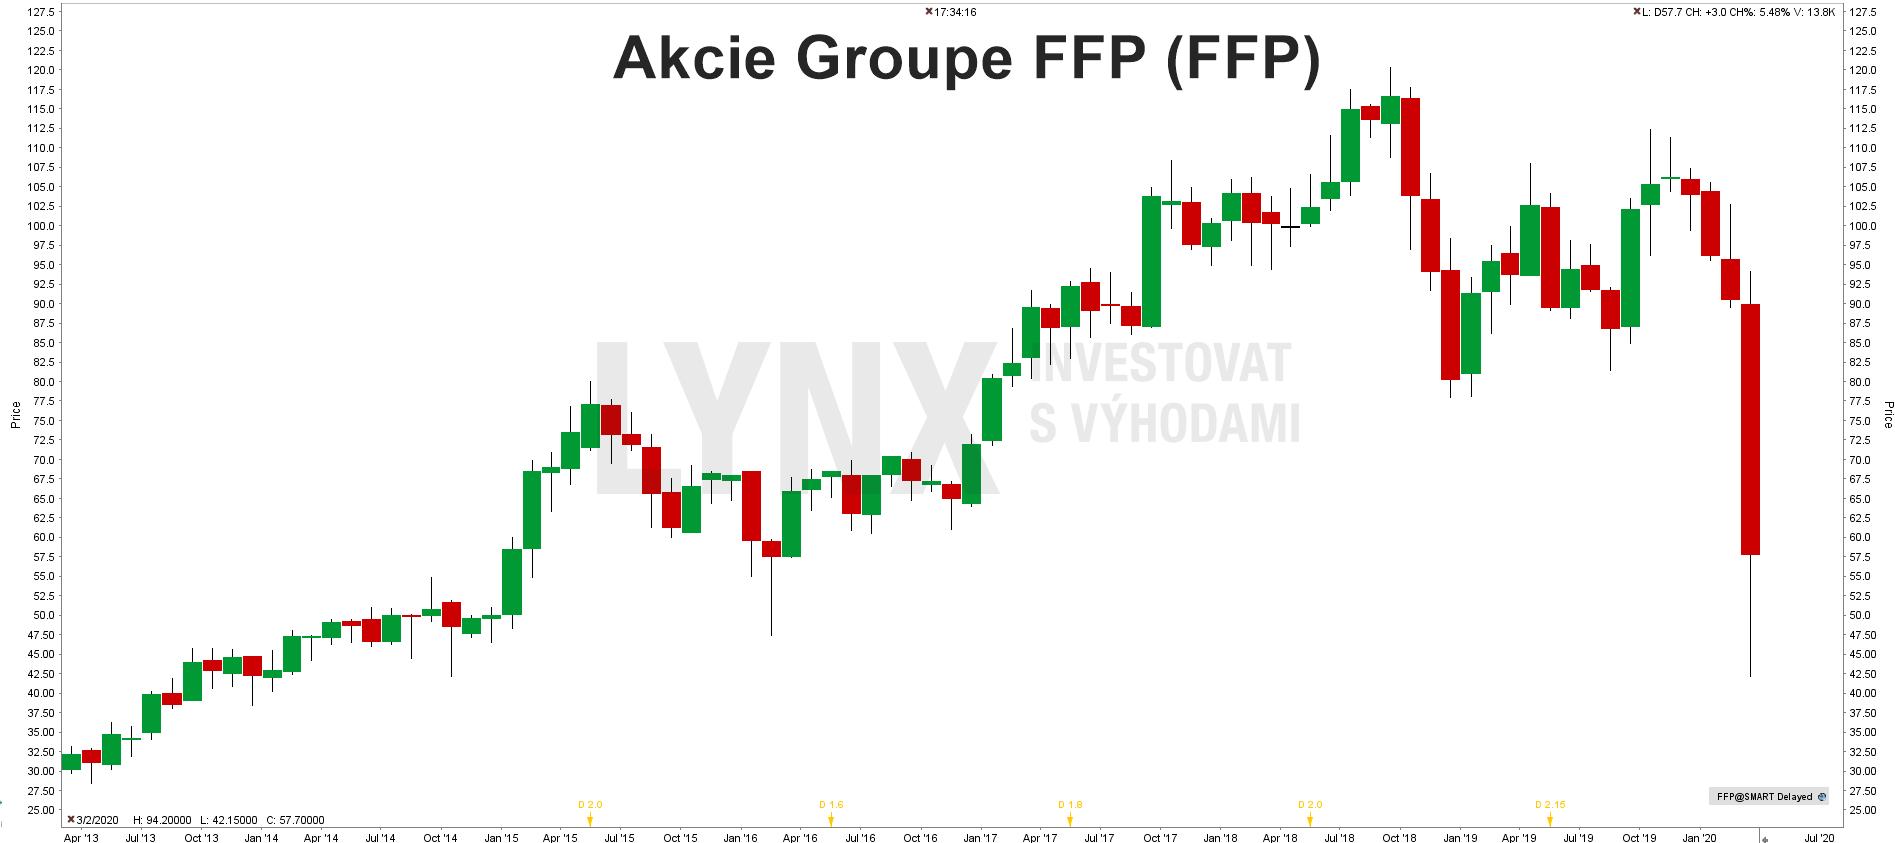 Akcie Groupe FFP (FFP)